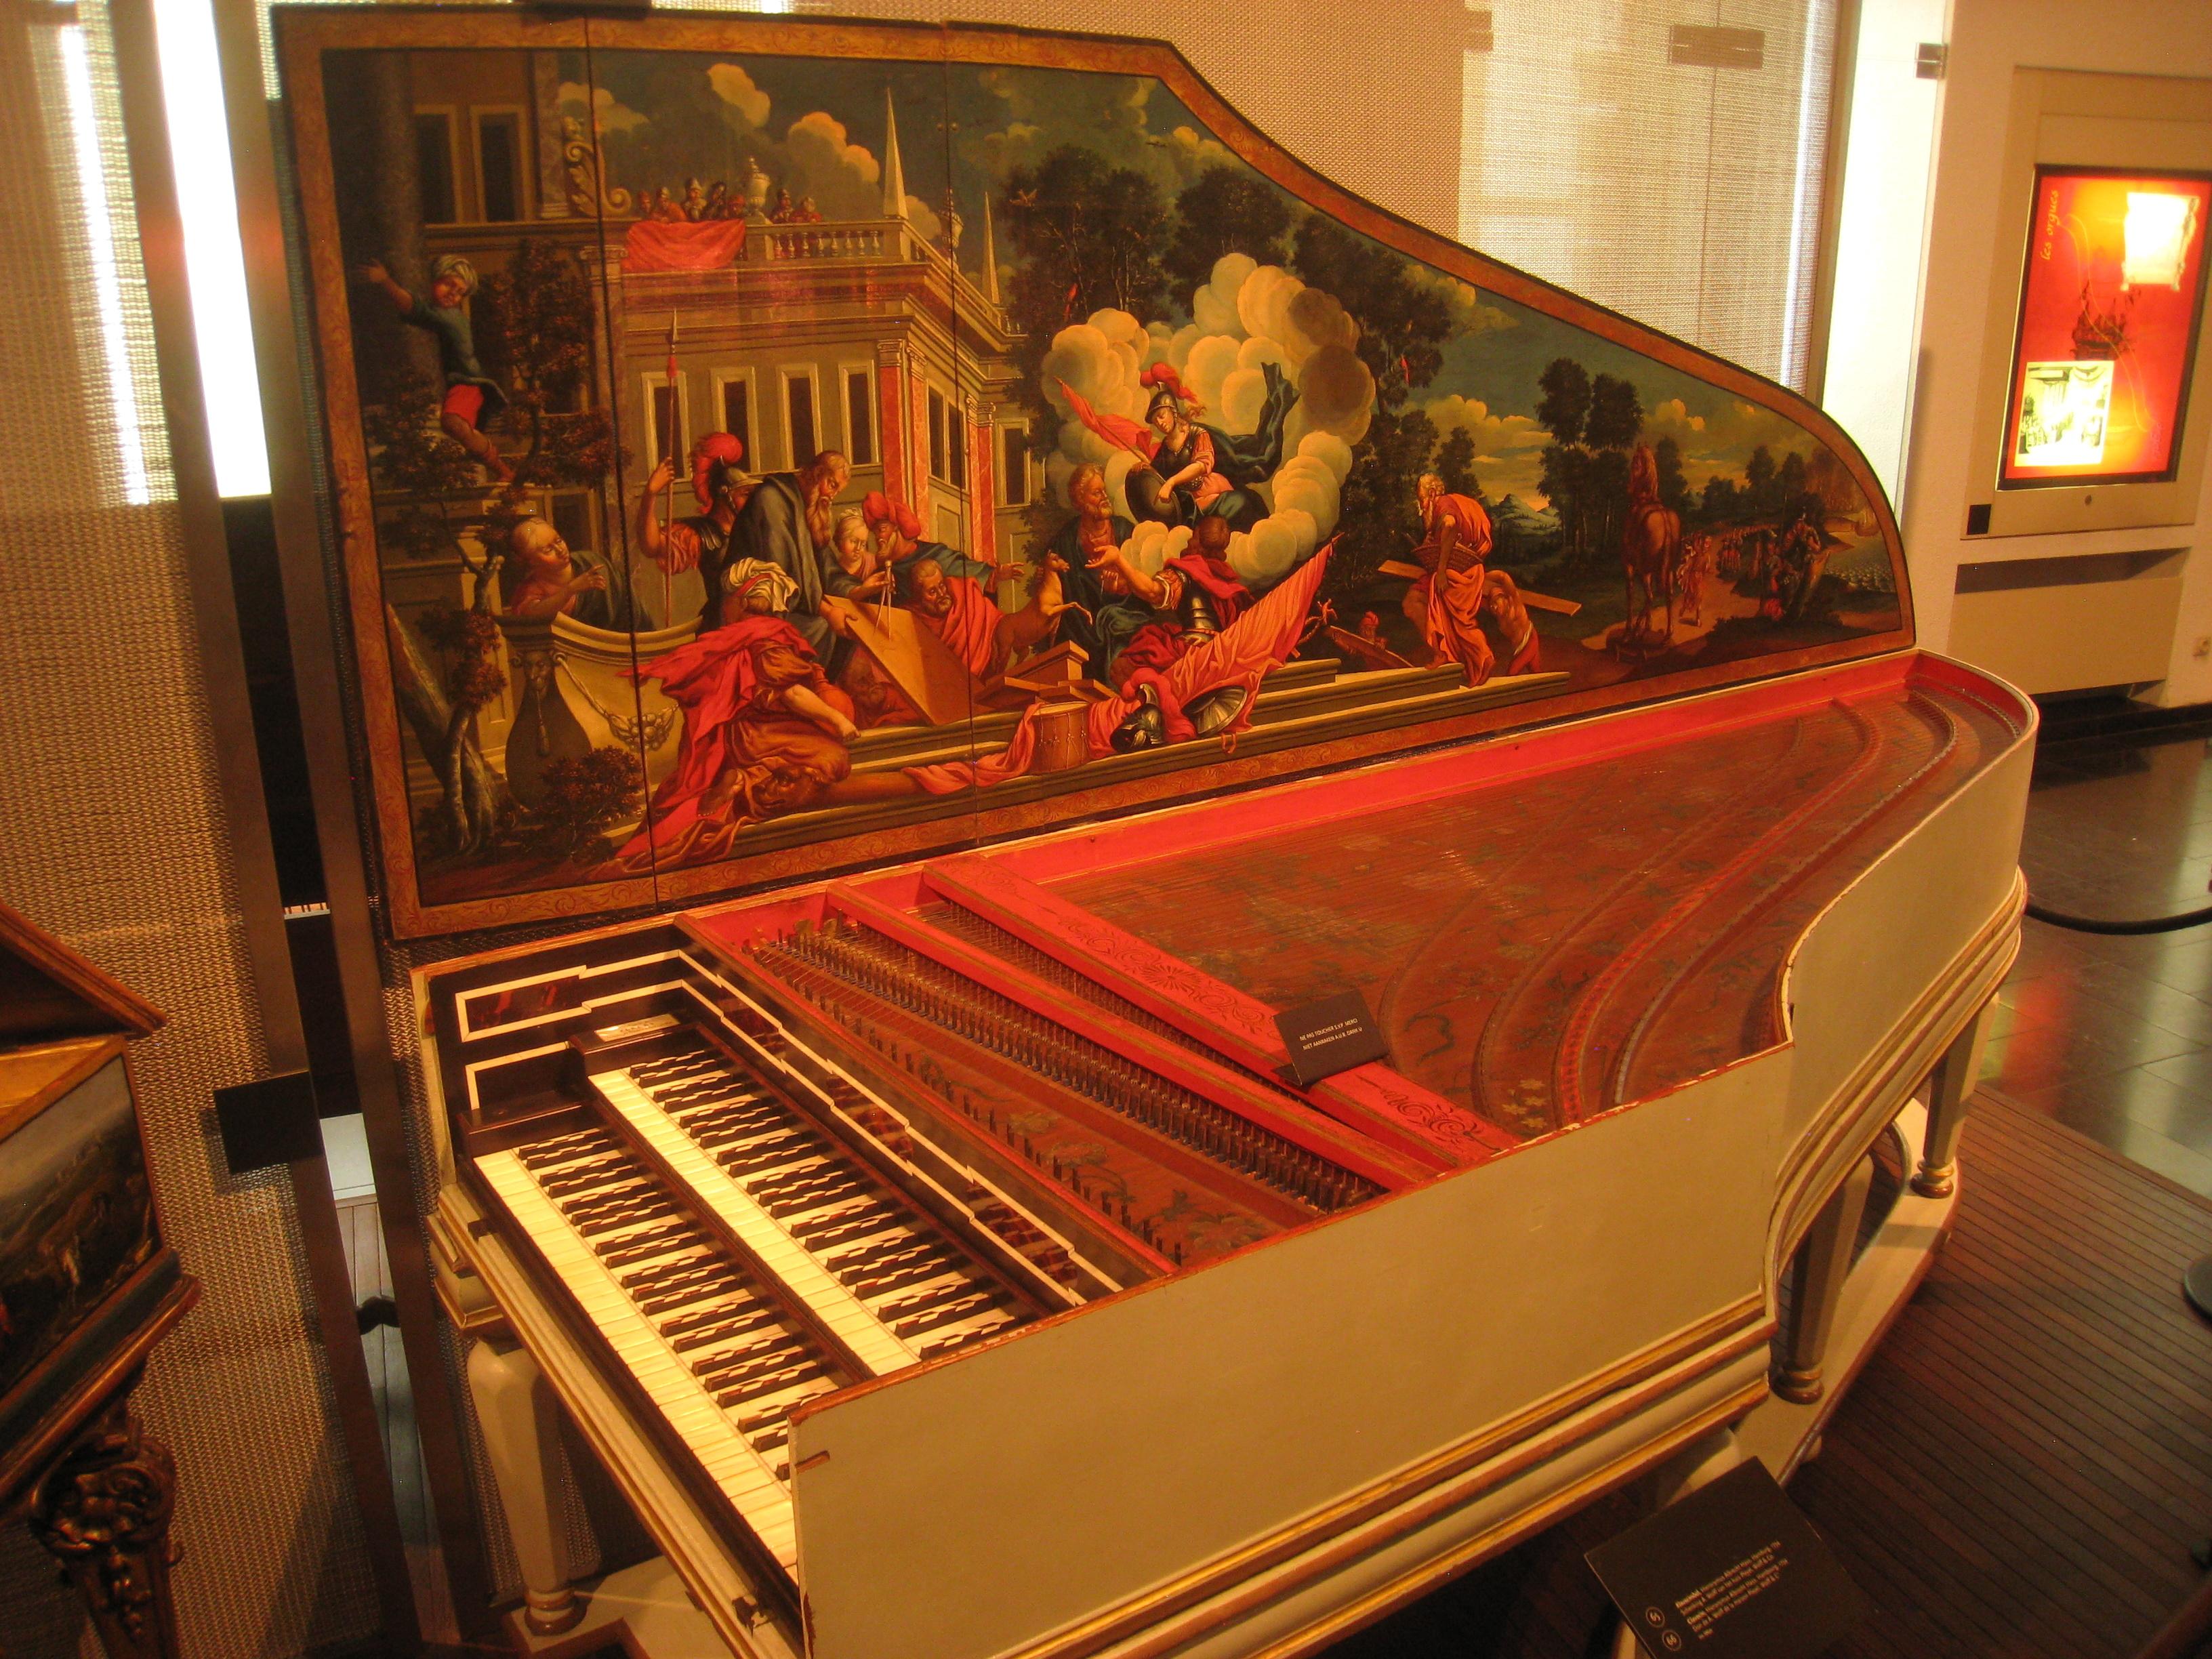 Clavicembalo di Hieronymus Albrecht Hass, custodito nel Museo della Musica della città